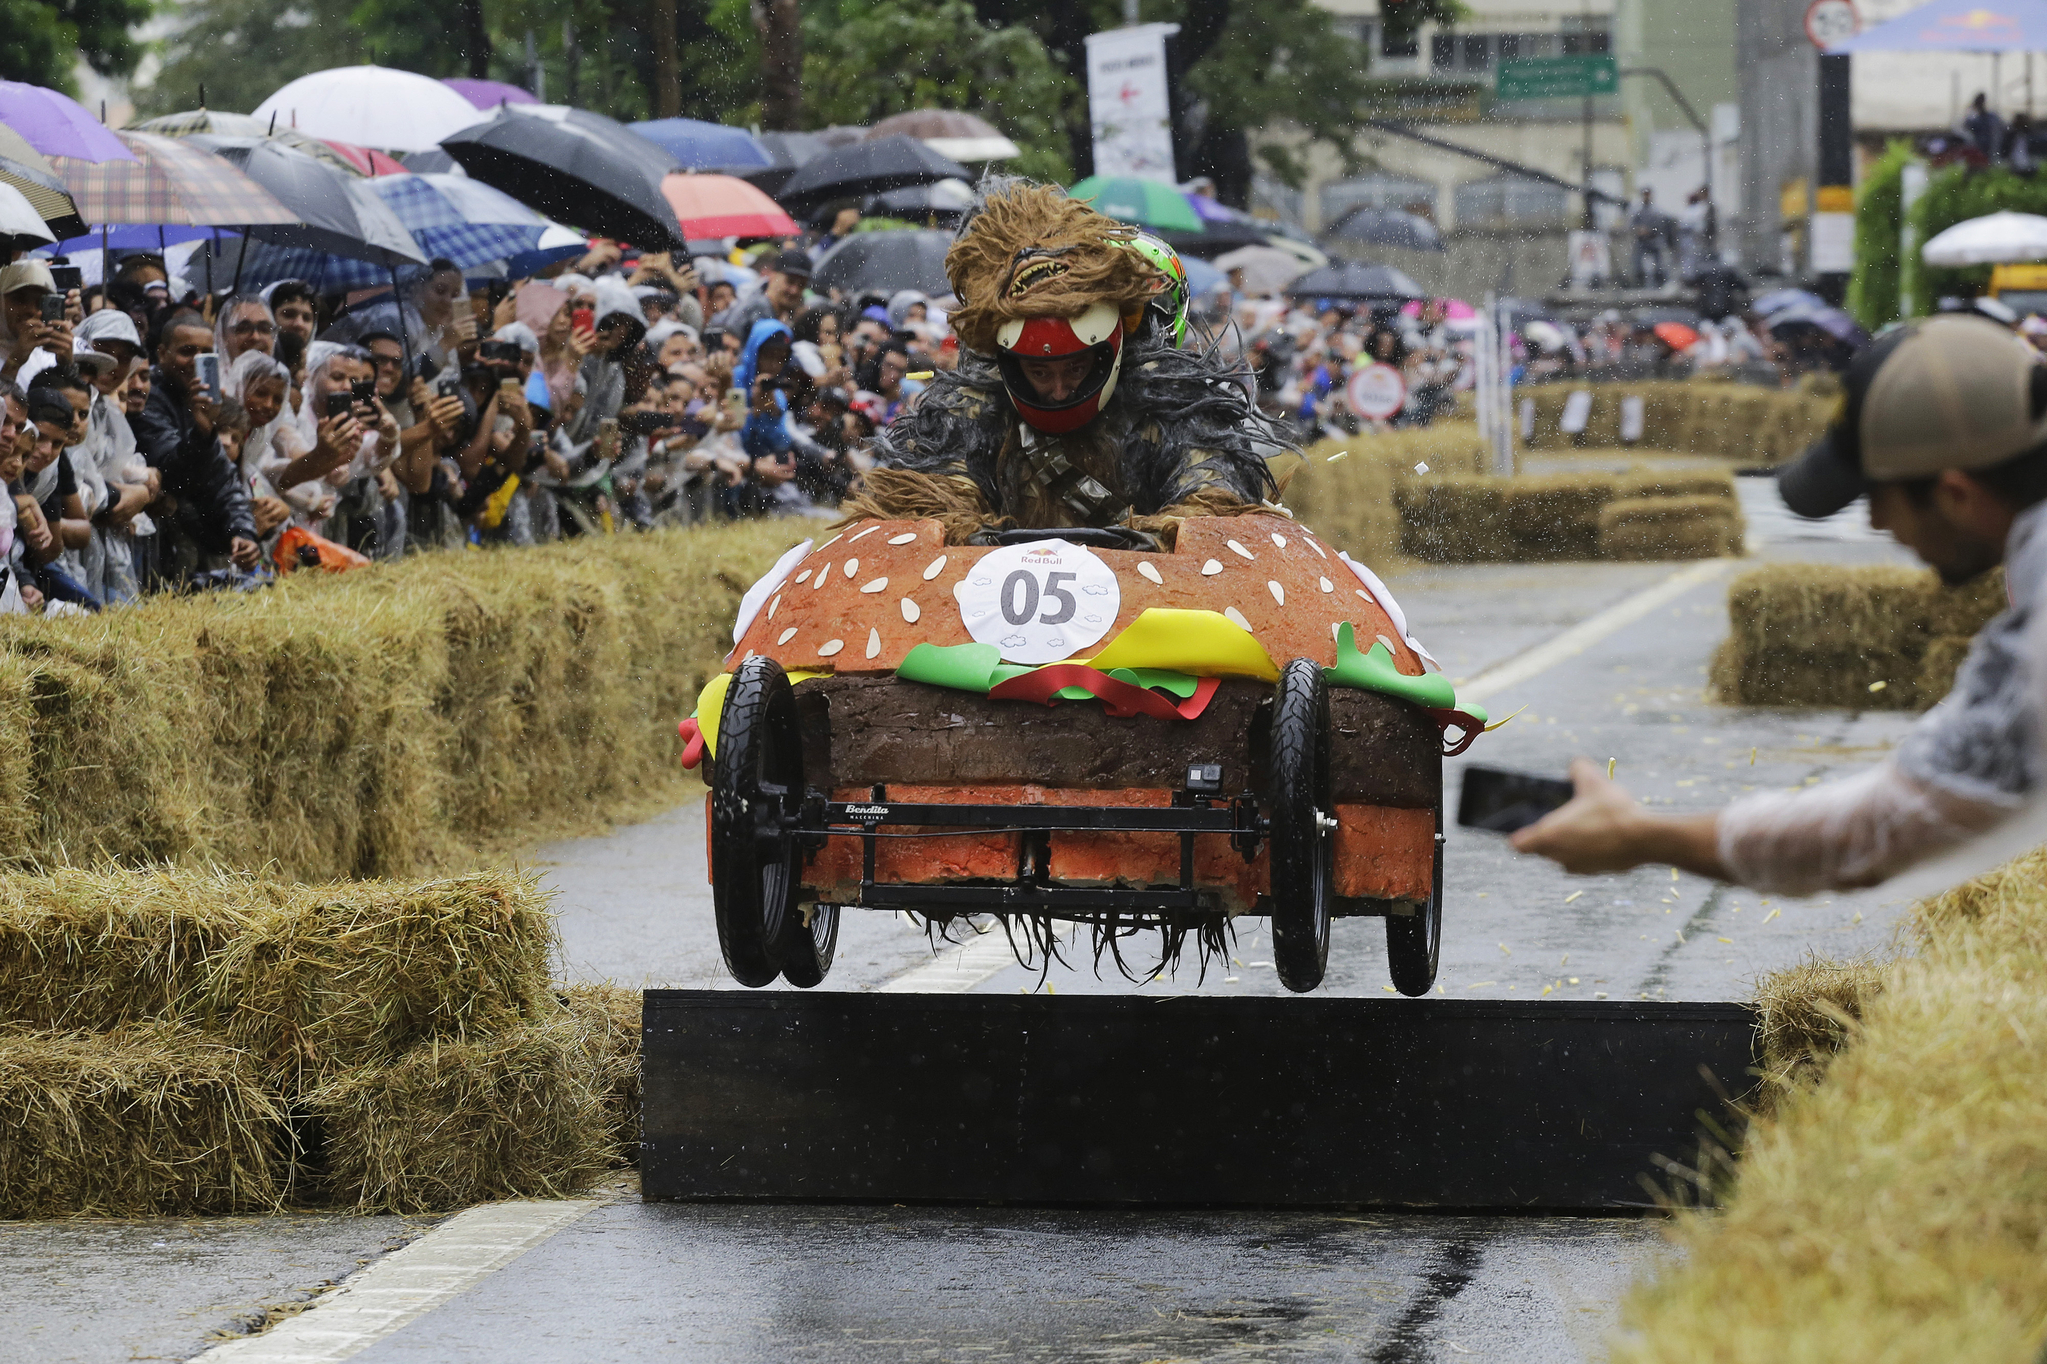 햄버거 모양의 차를 탄 참가자가 14일(현지시간) 브라질 상파울루에서 열린 '레드불 소프박스 레이스'에서 장애물을 통과하고 있다. [AP=연합뉴스]